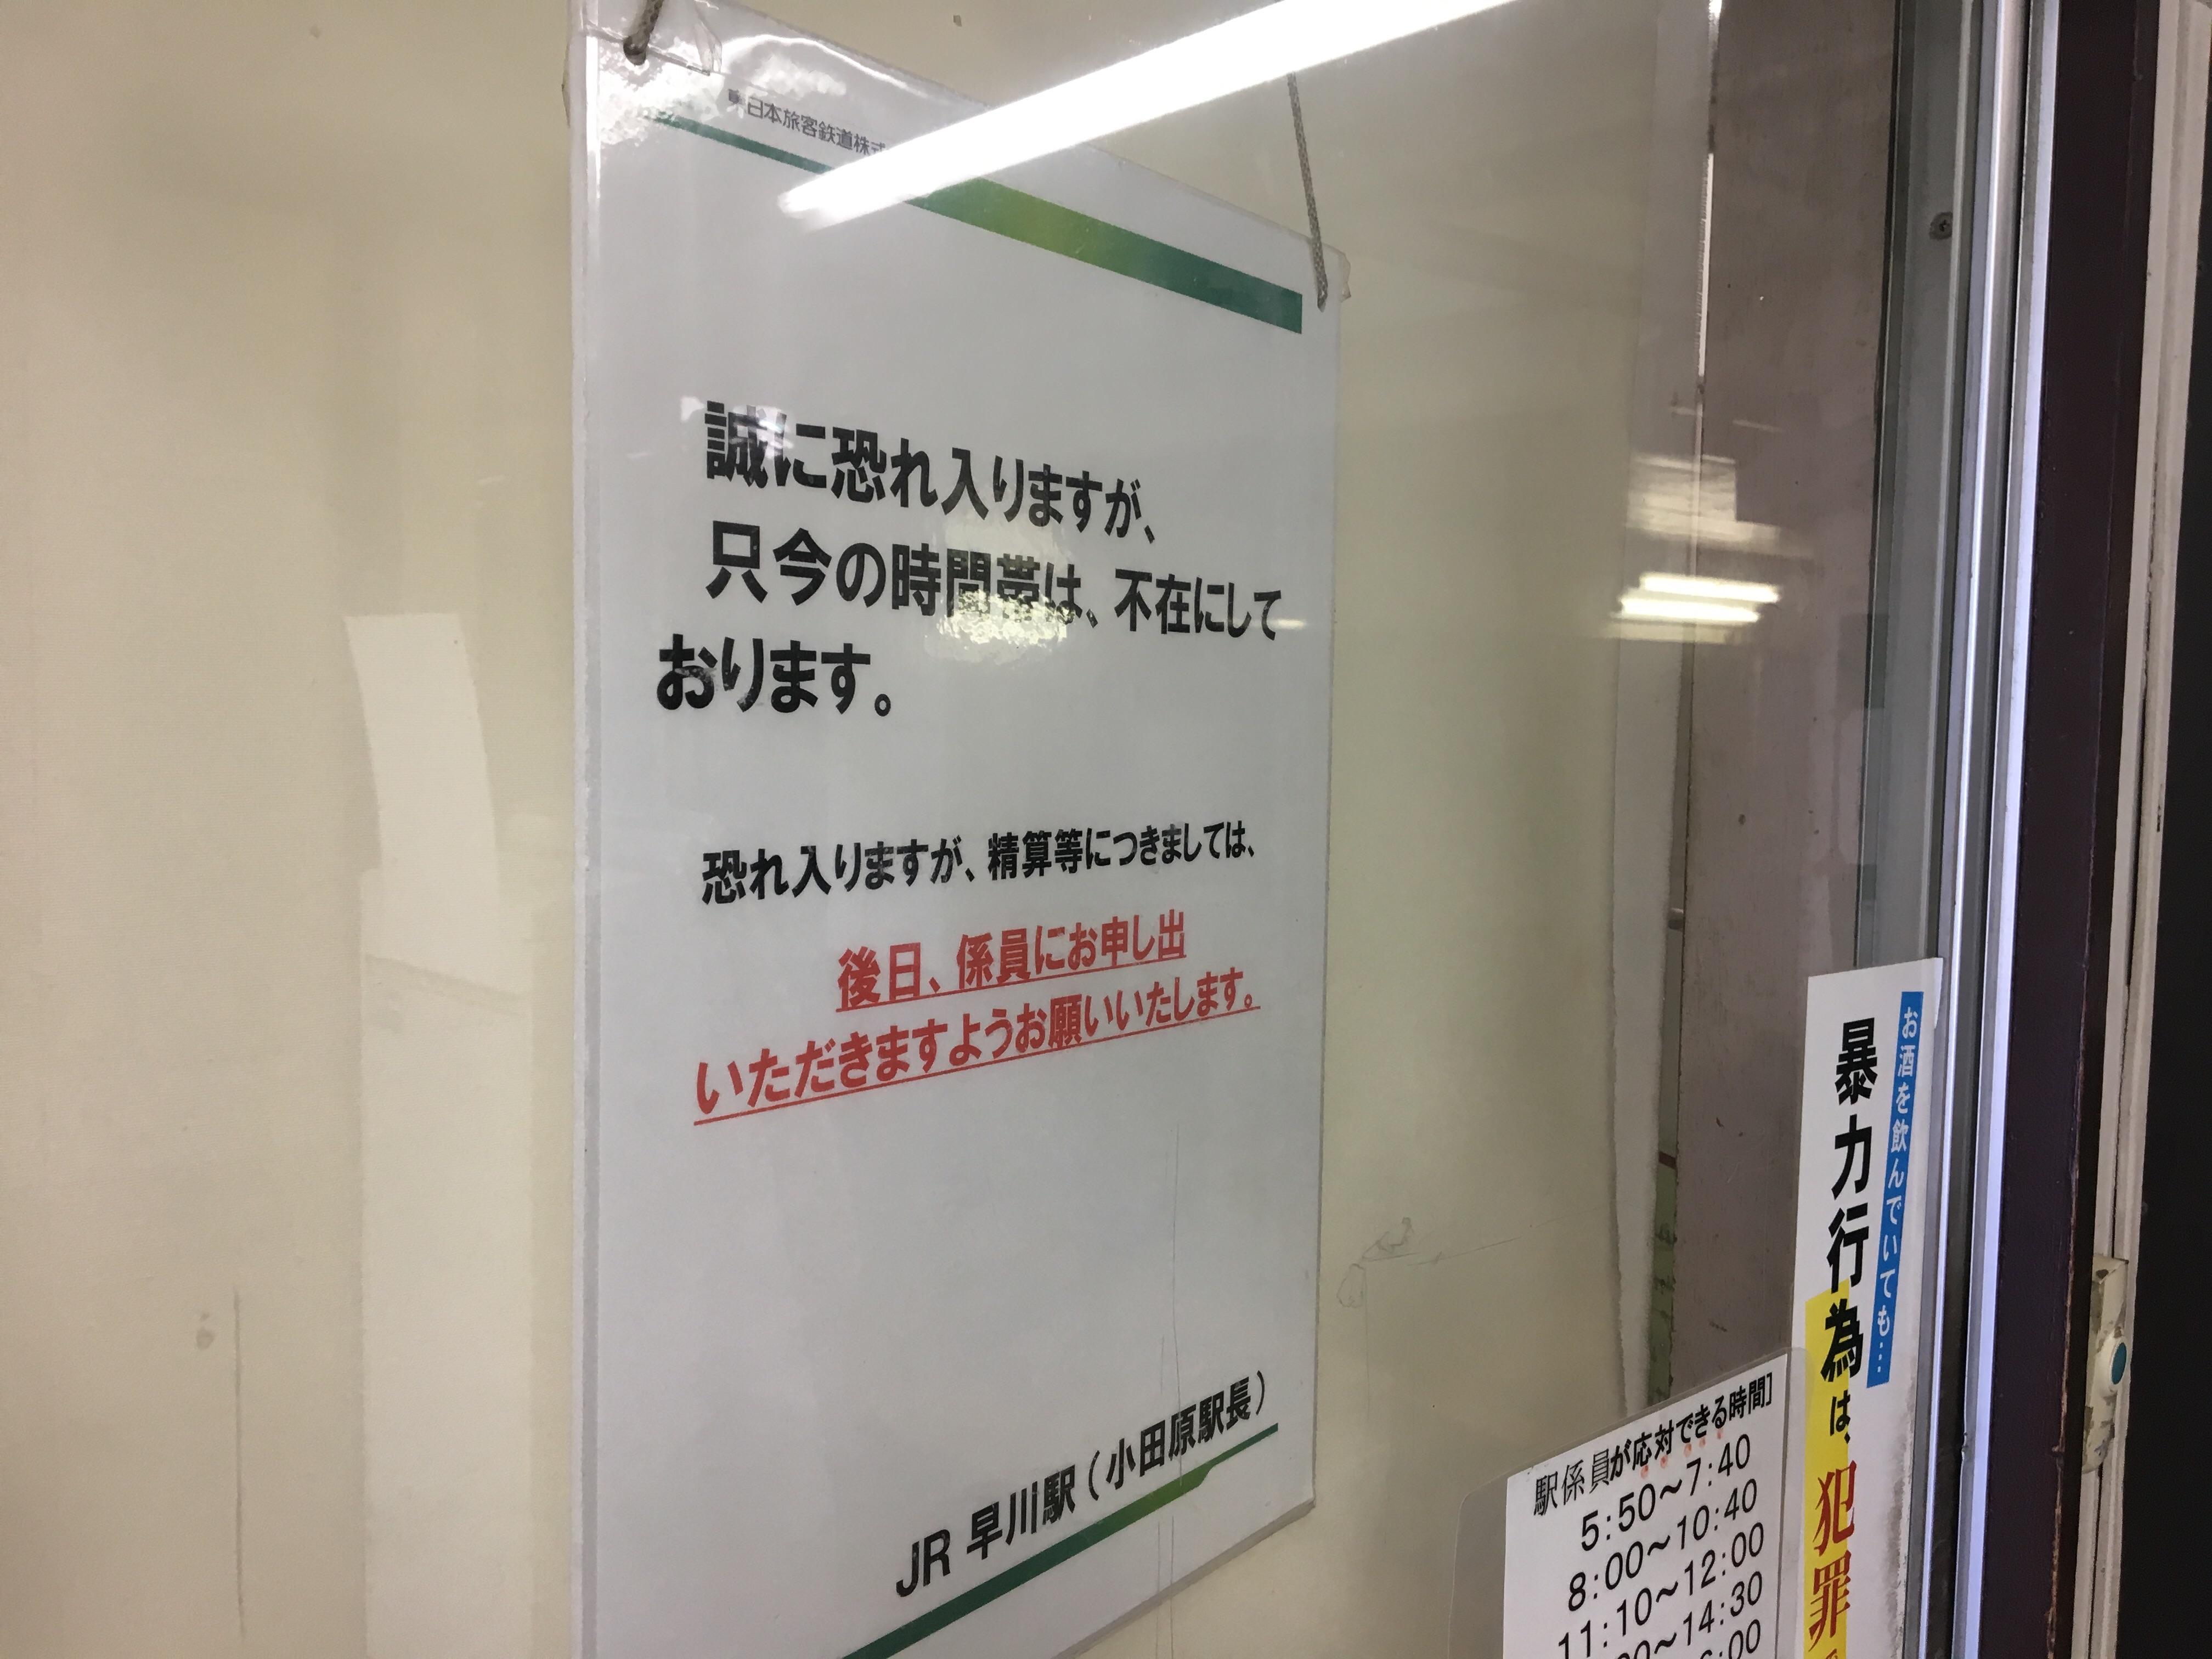 f:id:kaminashiko:20180706001122j:plain